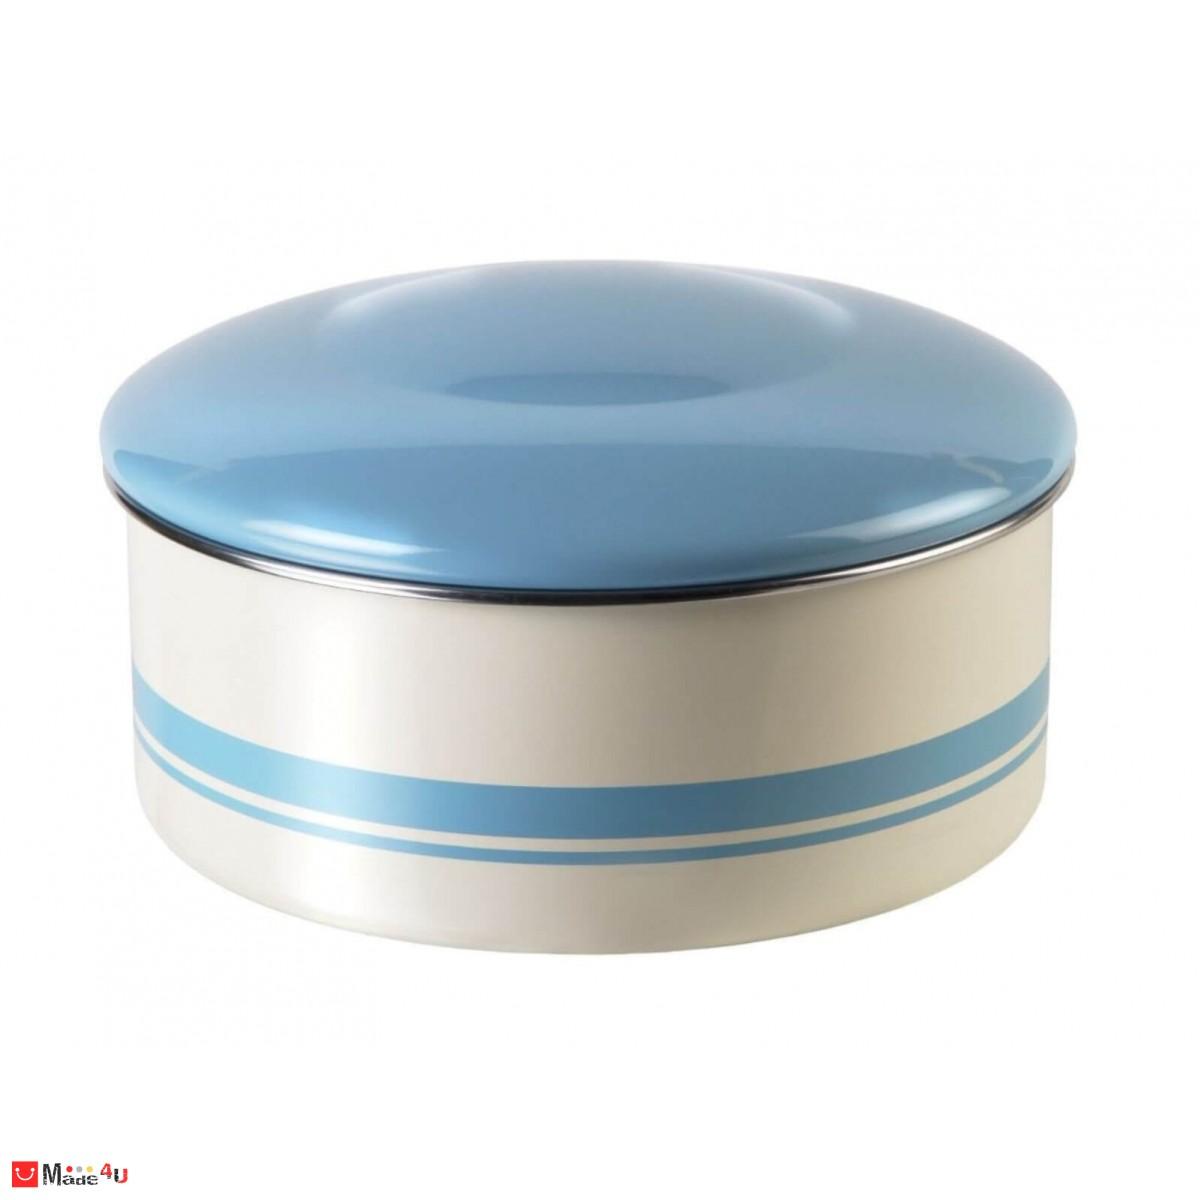 Изискана кутия за торта, кекс или сладки - малка, JAMIE OLIVER